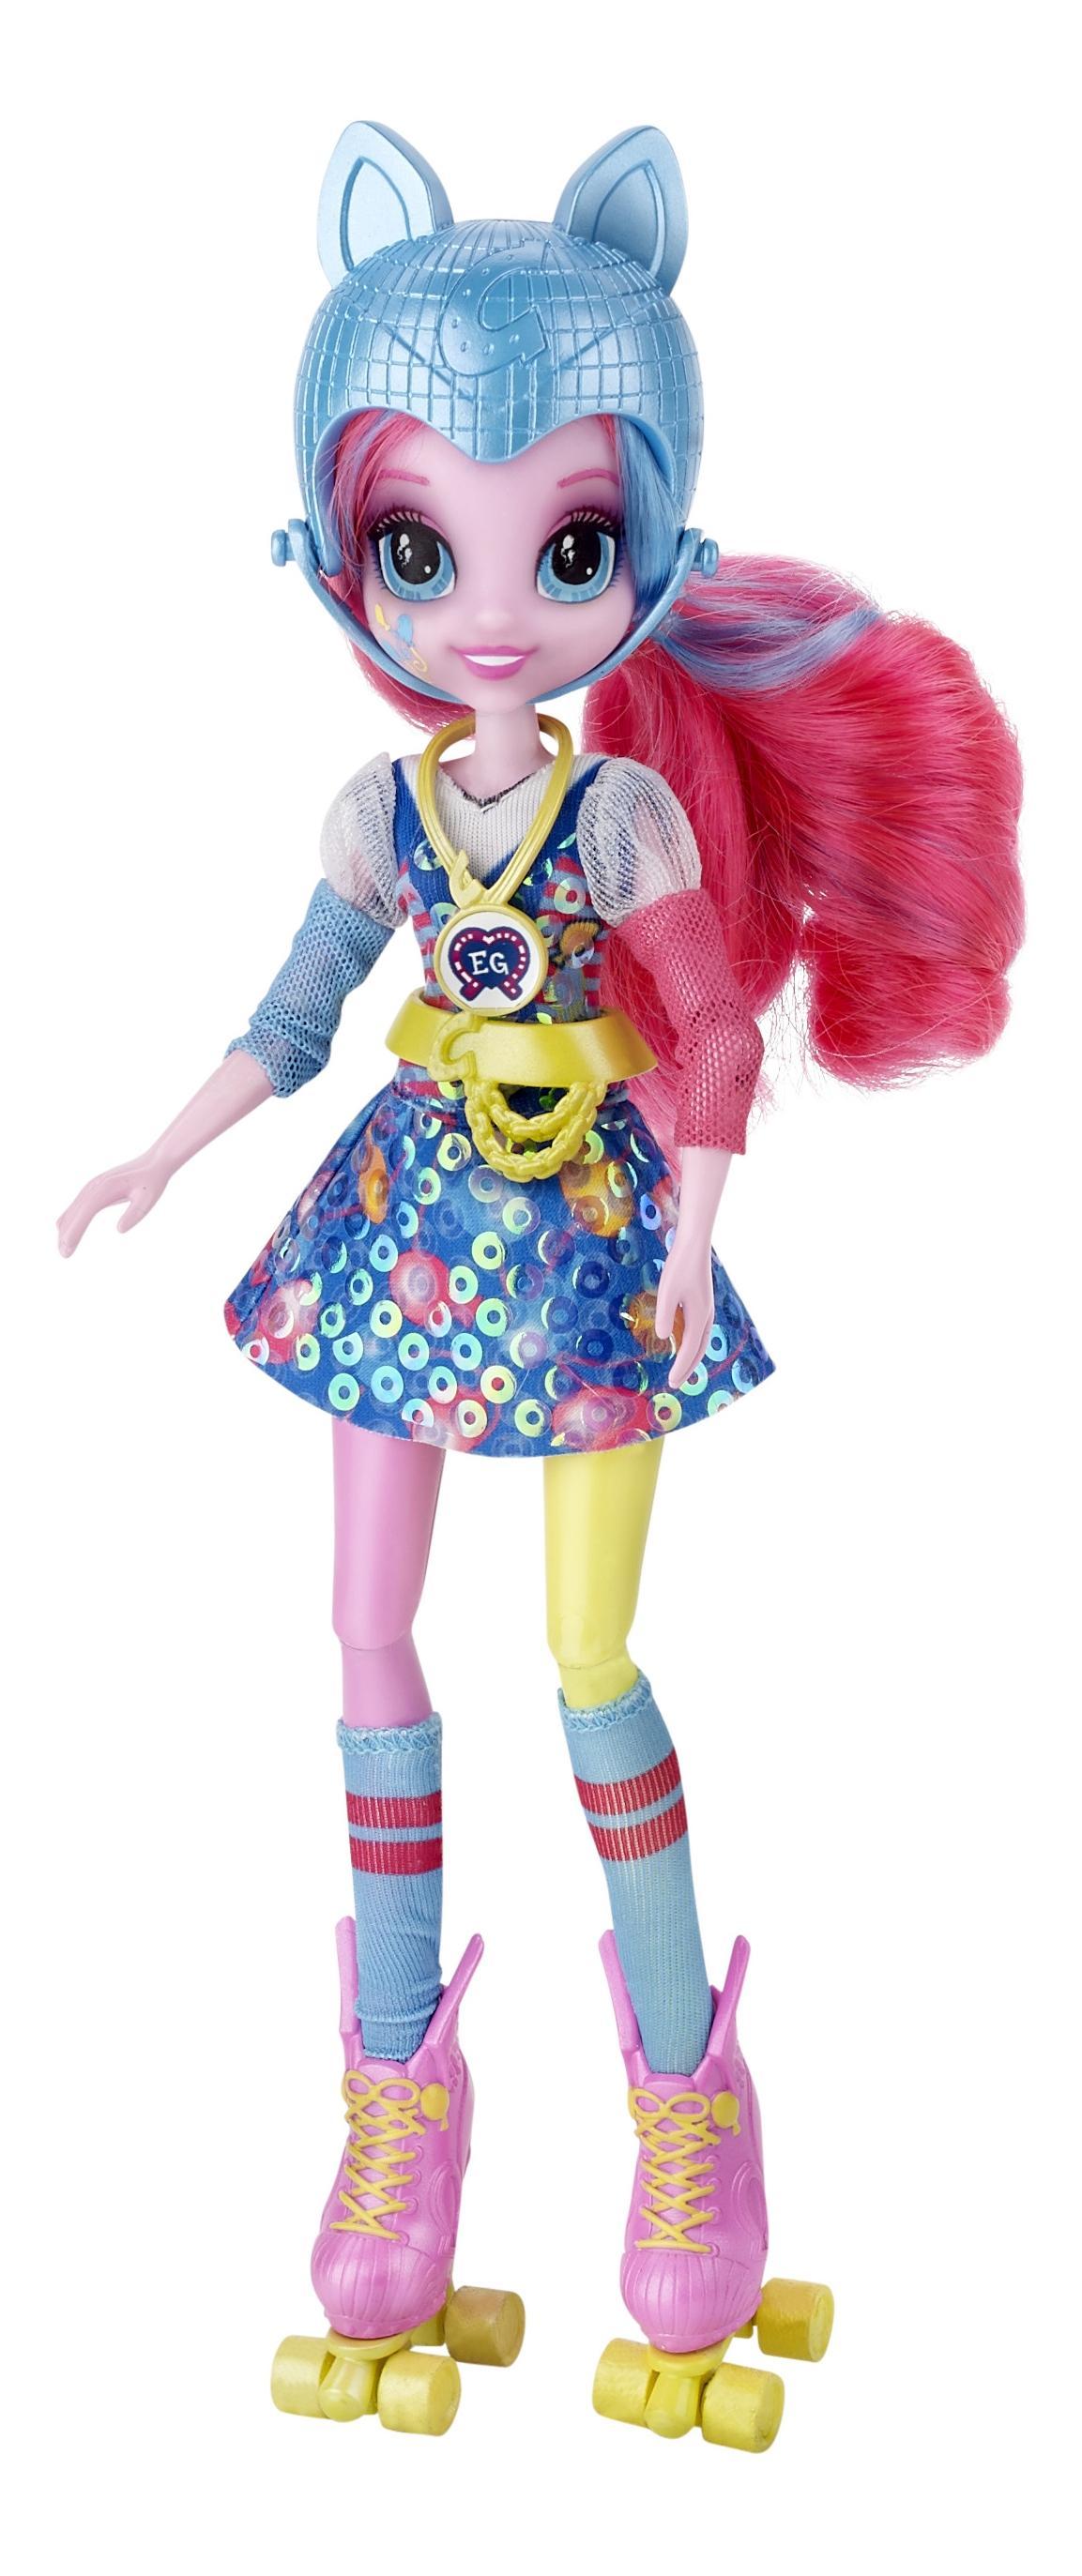 Кукла My Little Pony Equestria girls b1771 b5732 23 см